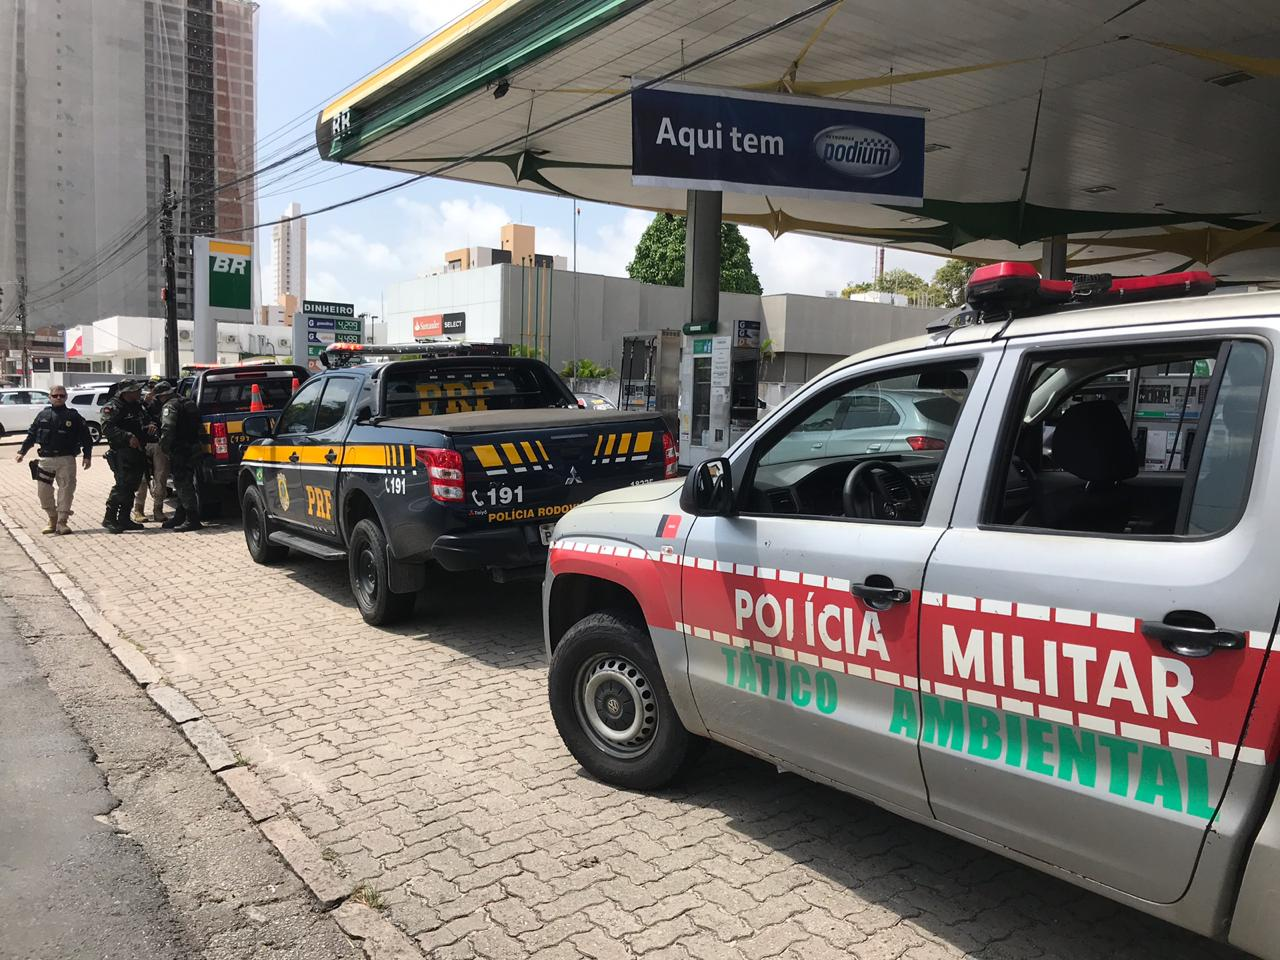 e2c1dc1a 6cfe 40c3 90e7 46e0a611864a - Sudema aplica multa de R$ 15 mil em posto de combustível com licença vencida; VEJA VÍDEO